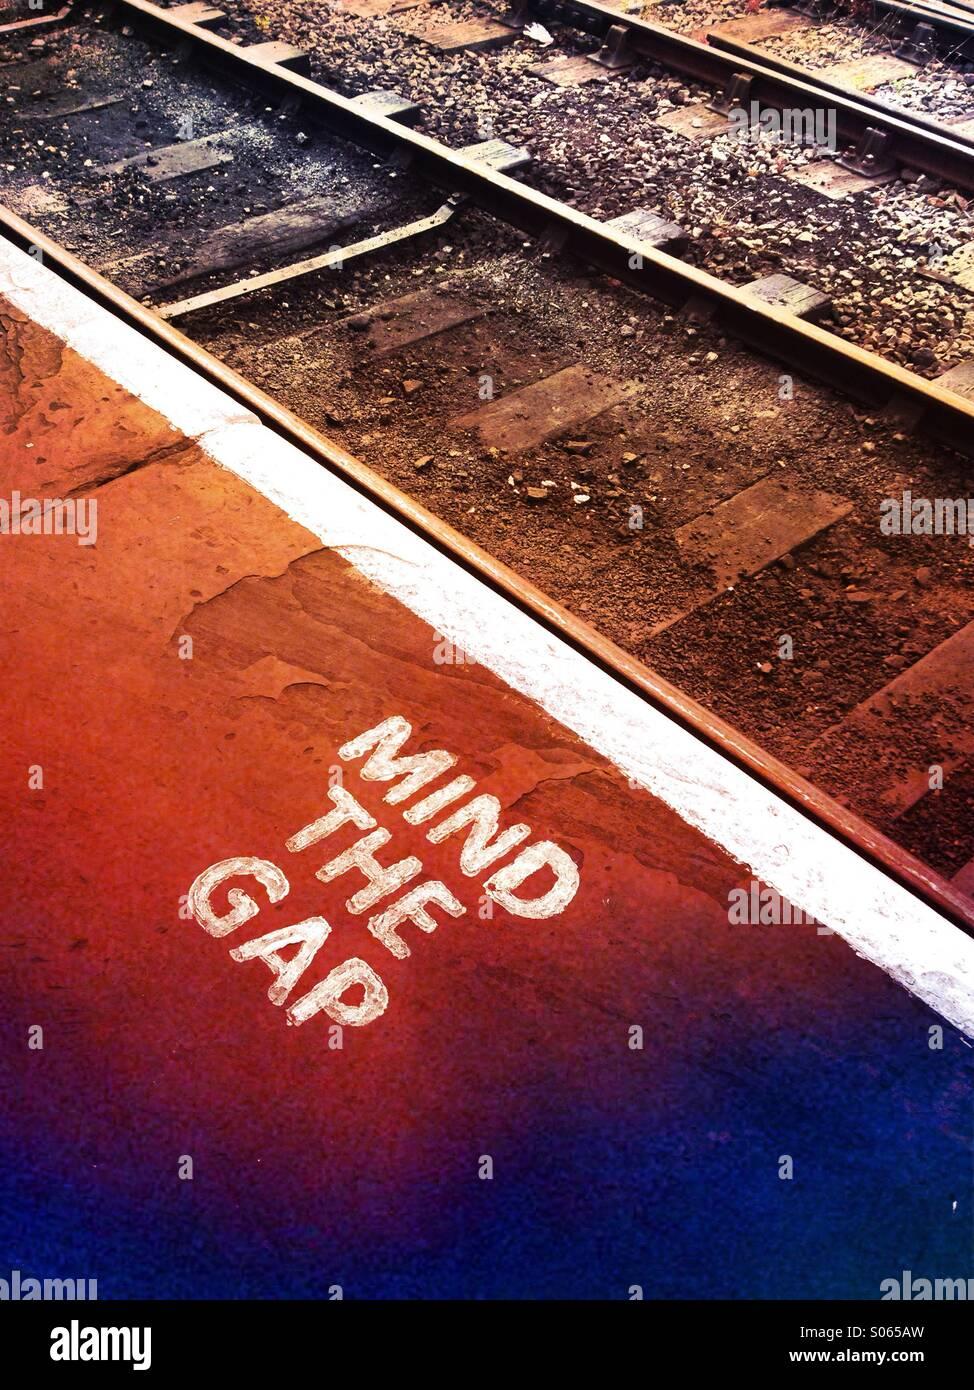 Ein Geist der Lücke Unterricht an einer Eisenbahn Stockbild